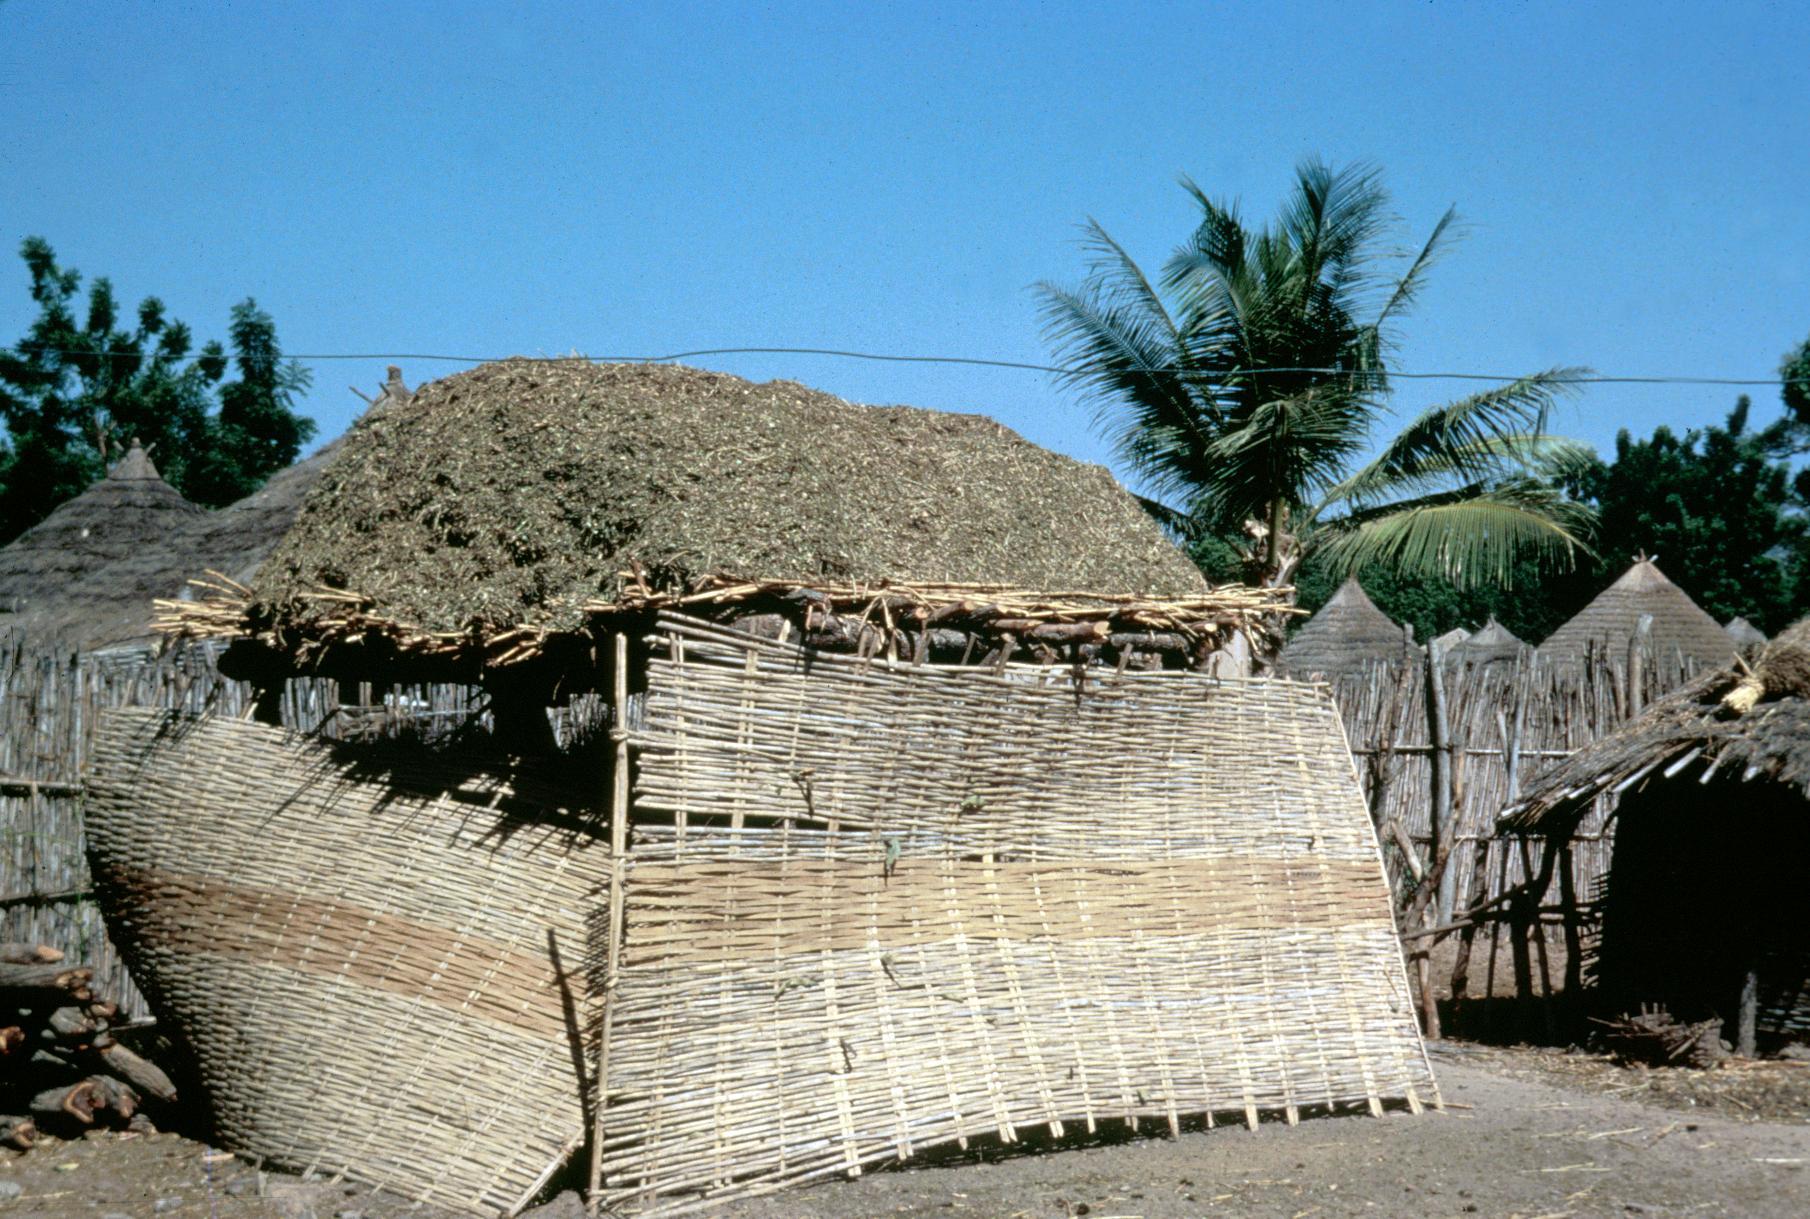 Storing Grains in Dry Season